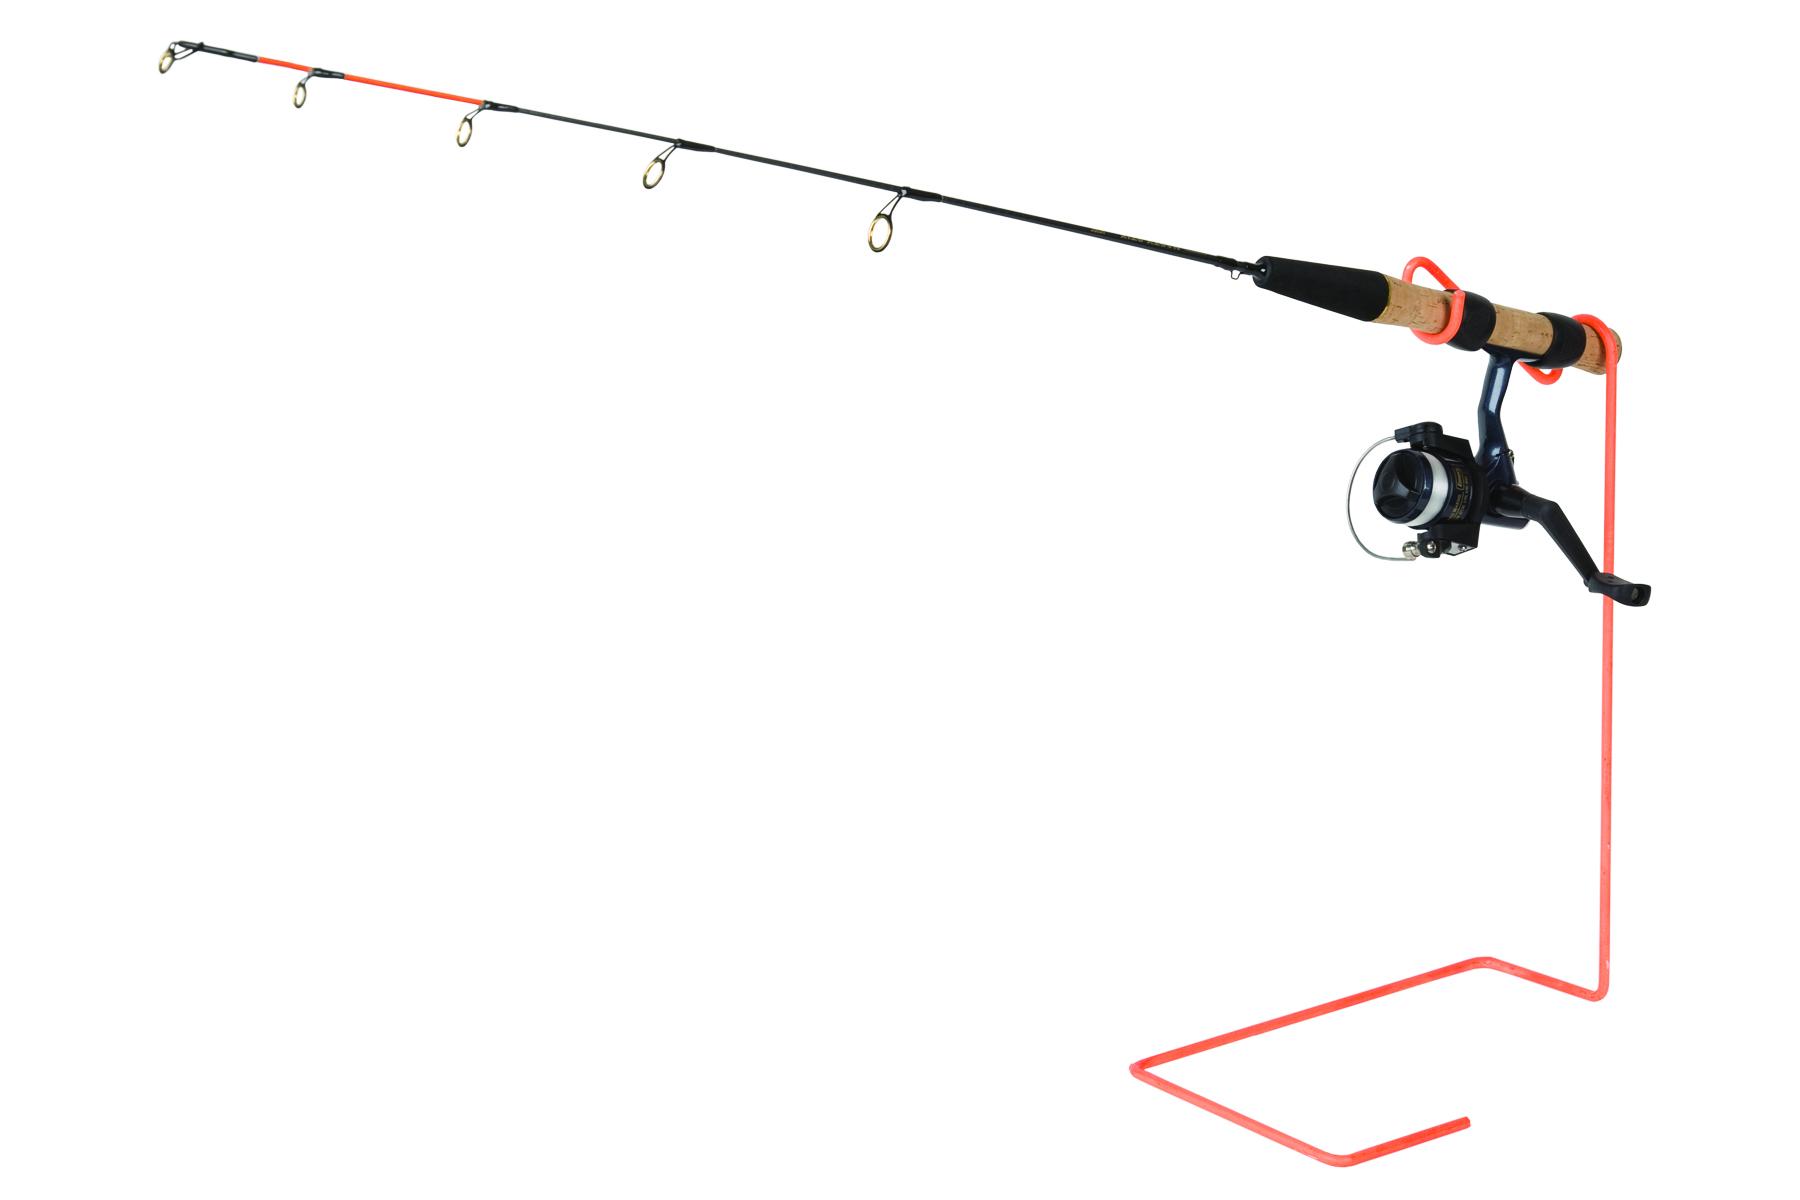 冰钓鱼竿架